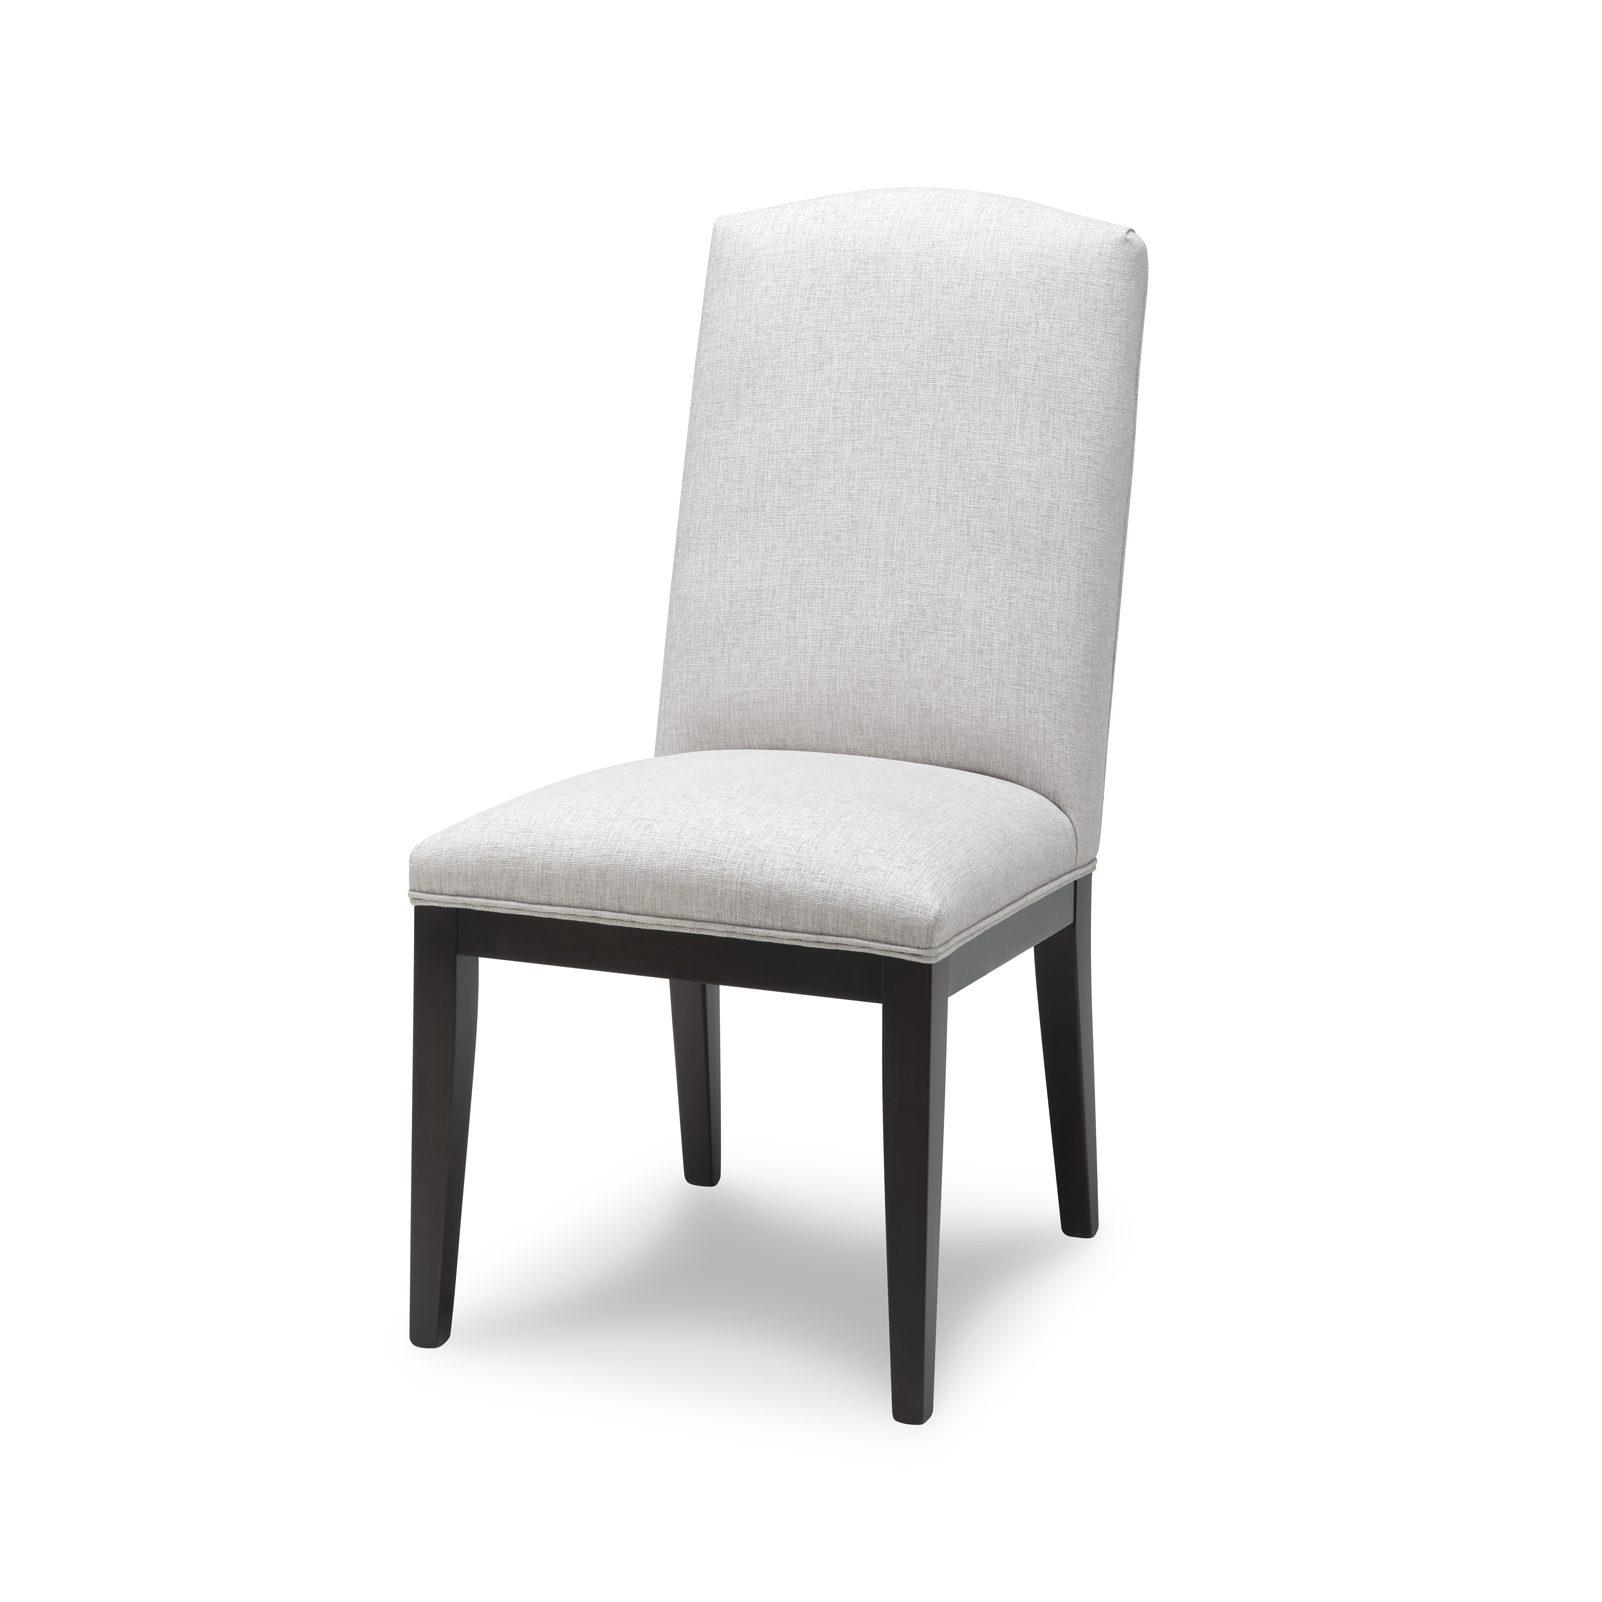 Stewart-Chair-D-PROOF-2-e1559169228199.jpg